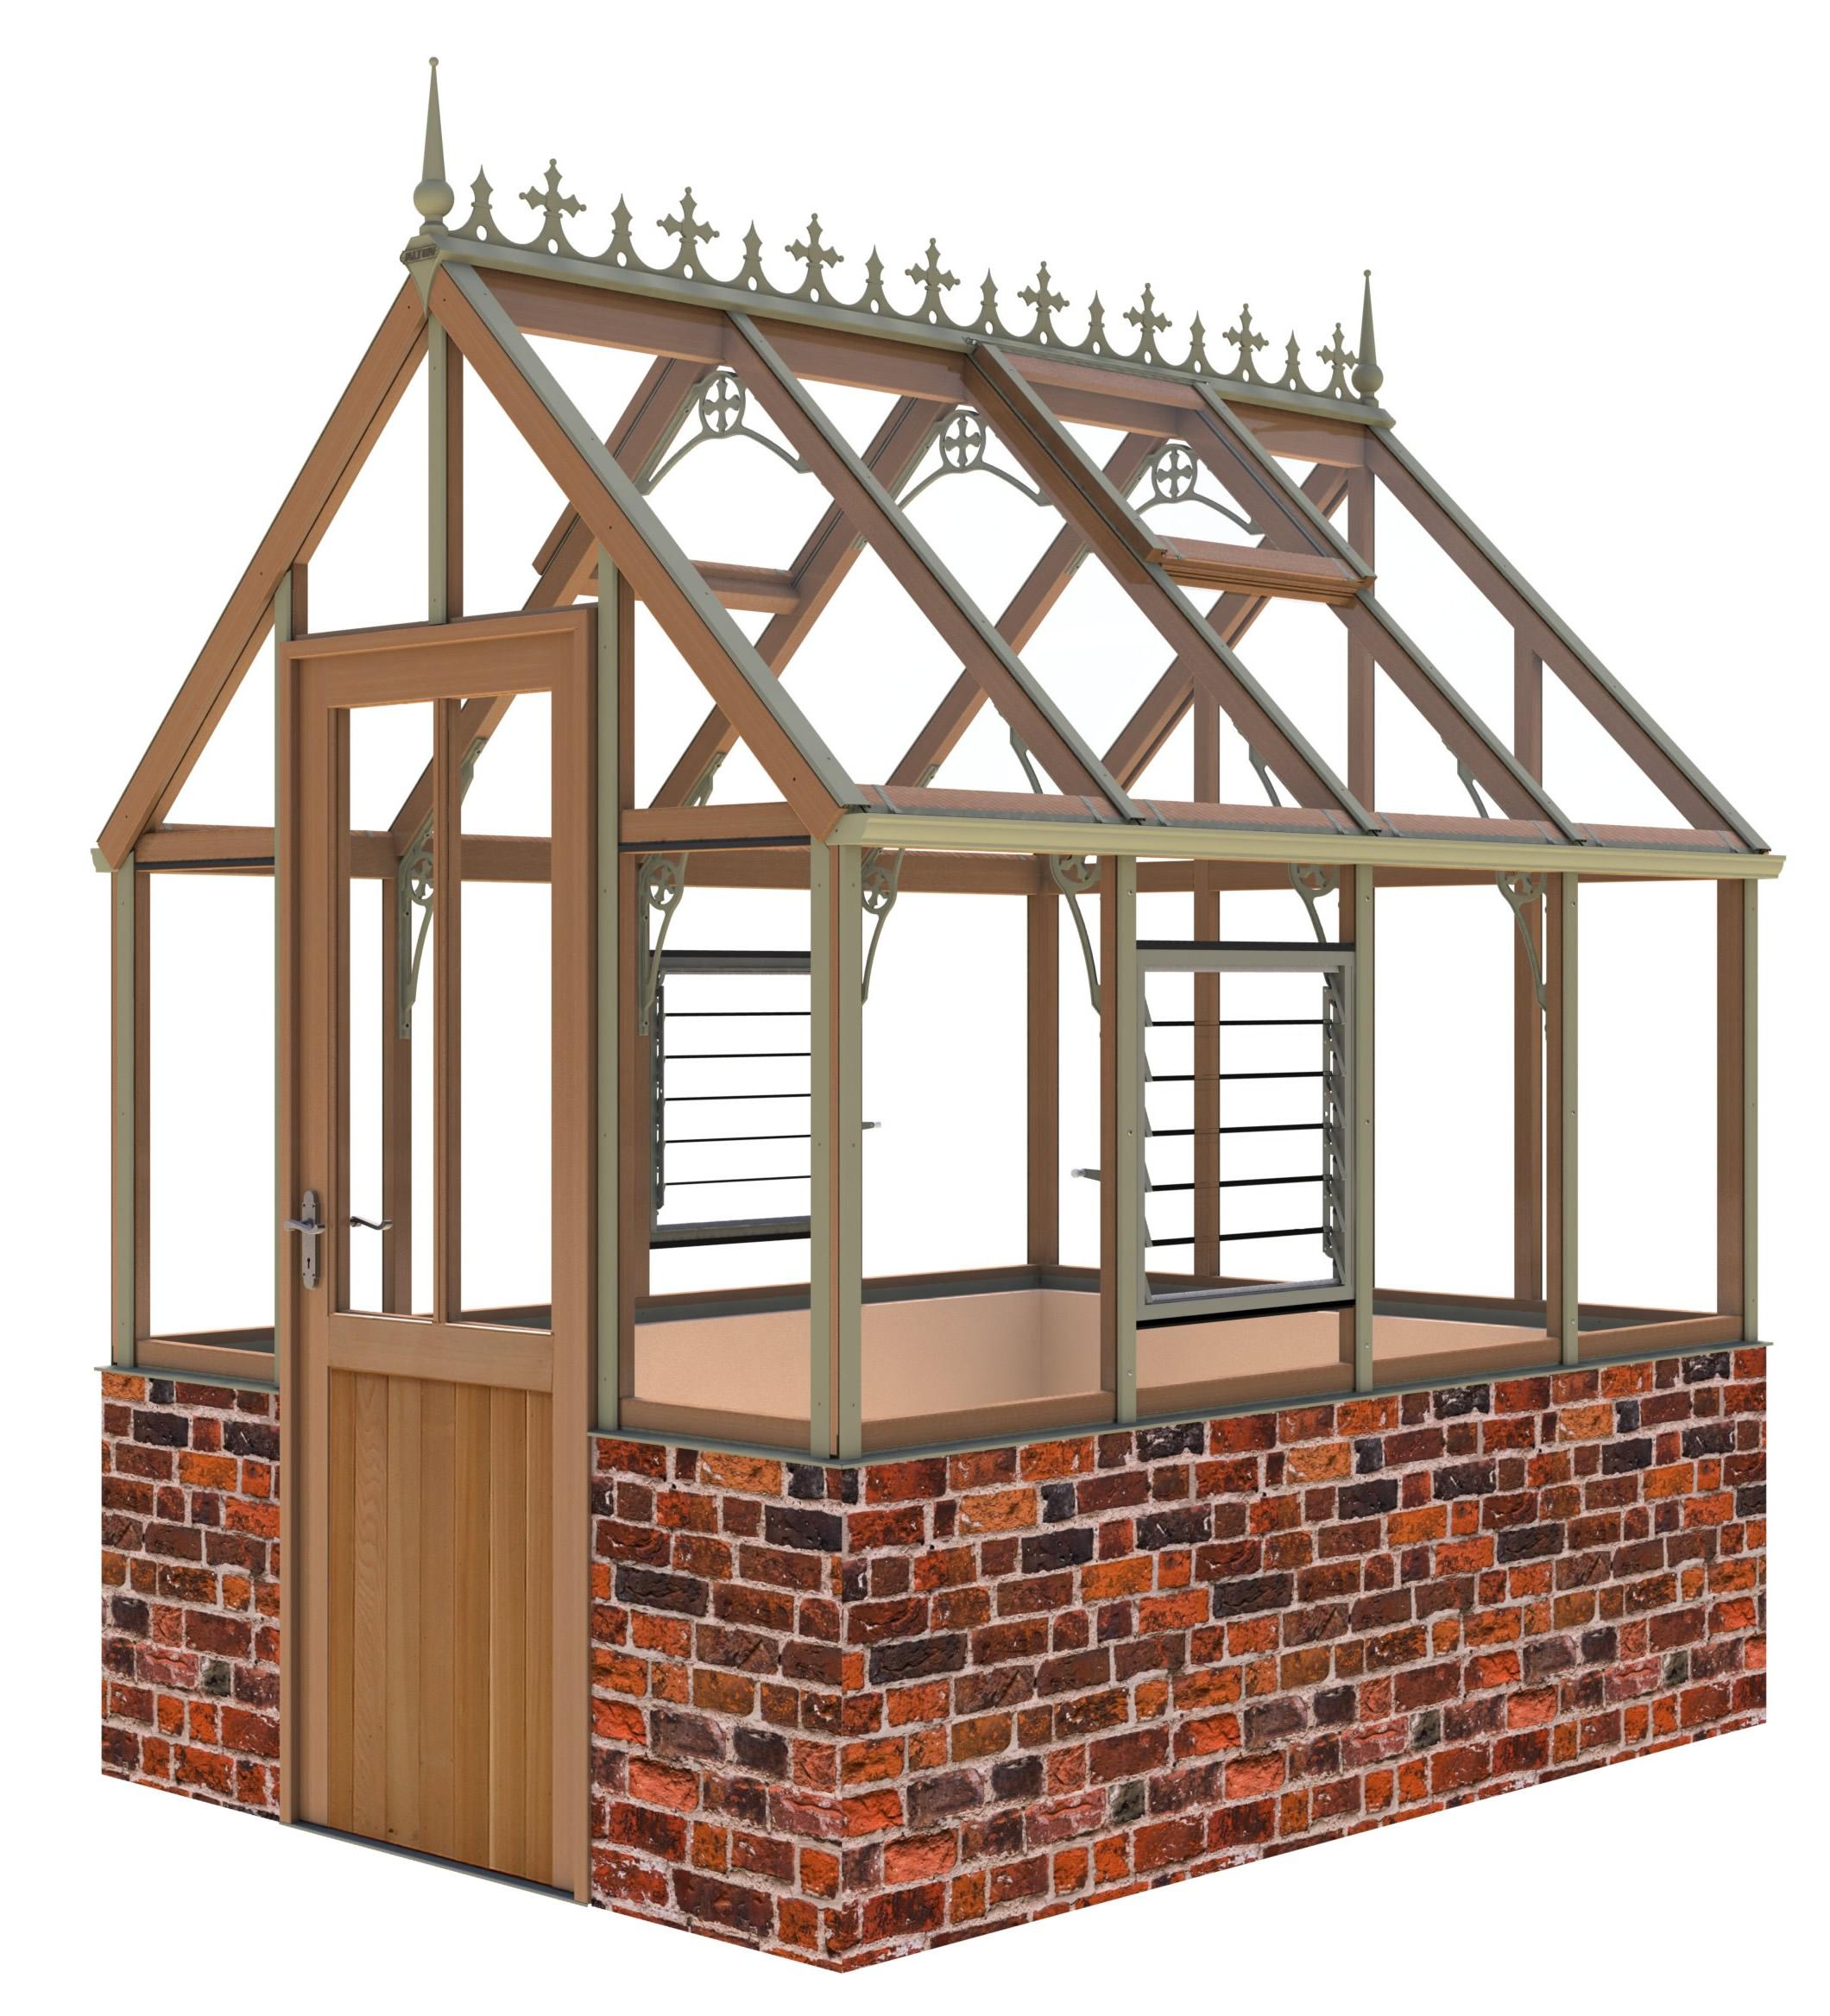 Alton Eton Victorian dwarf wall Greenhouse